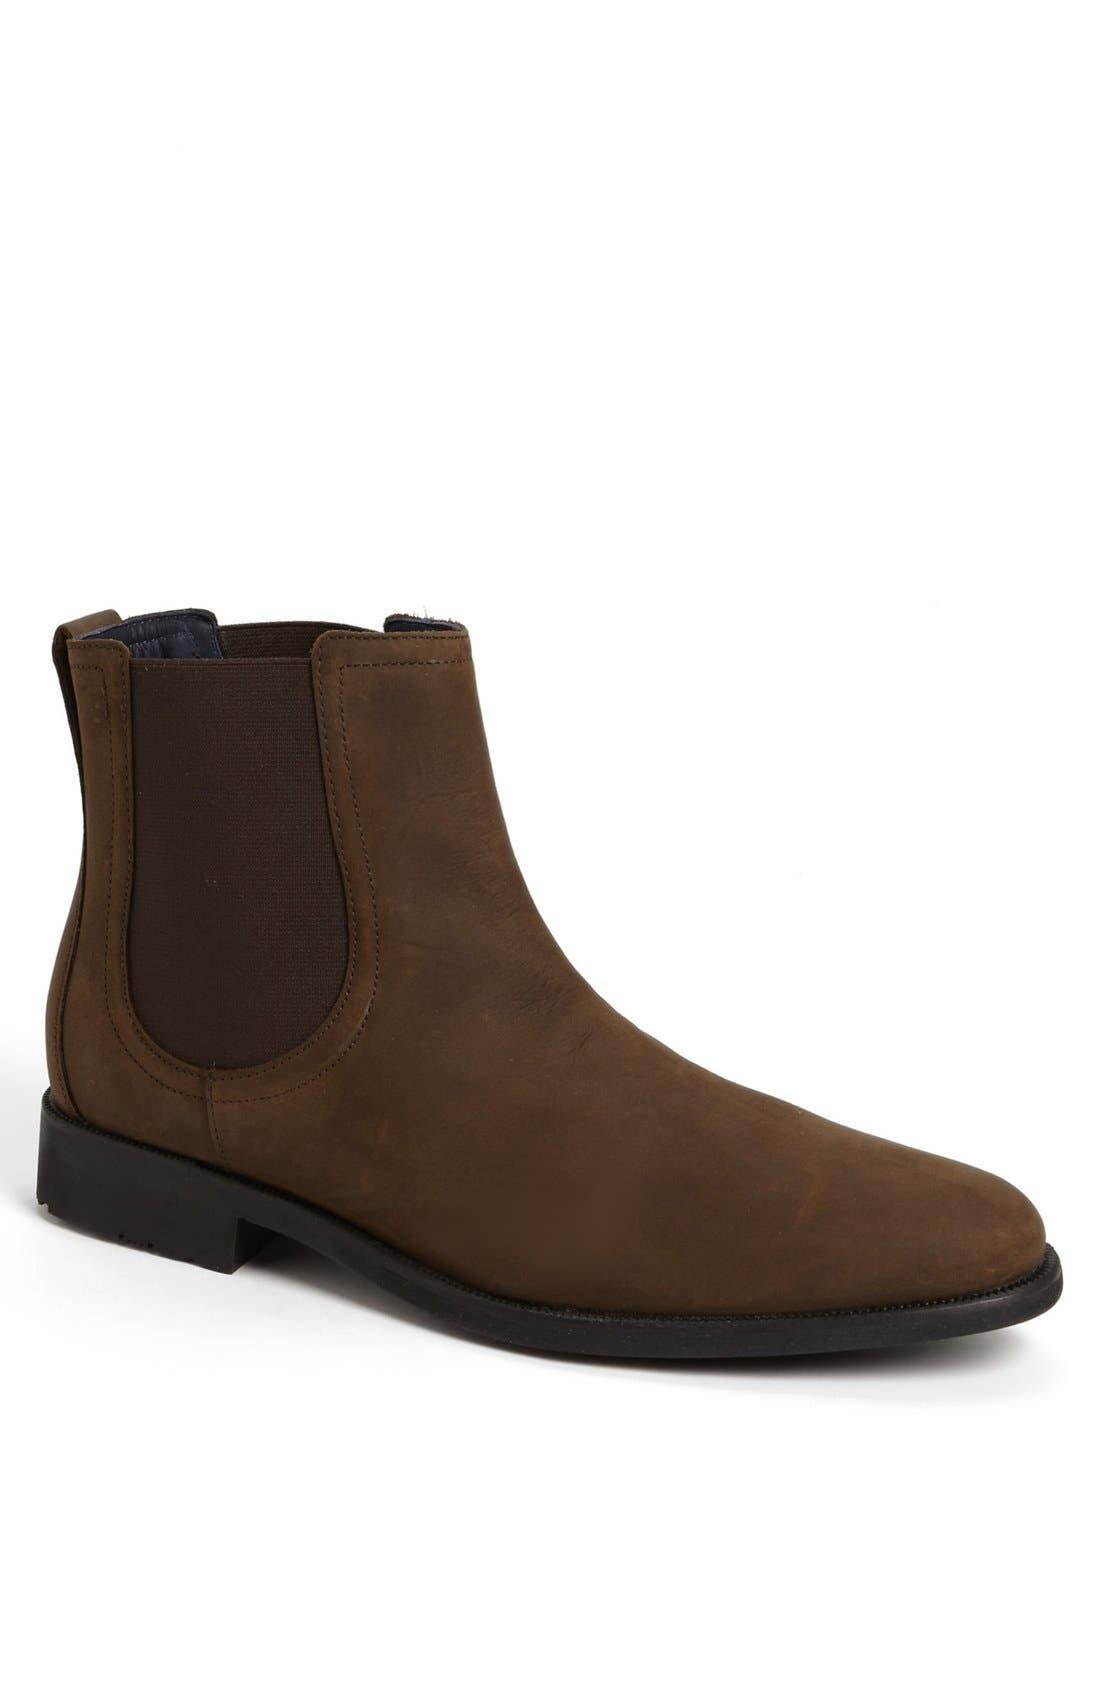 Alternate Image 1 Selected - Cole Haan 'Stanton' Chelsea Boot   (Men)